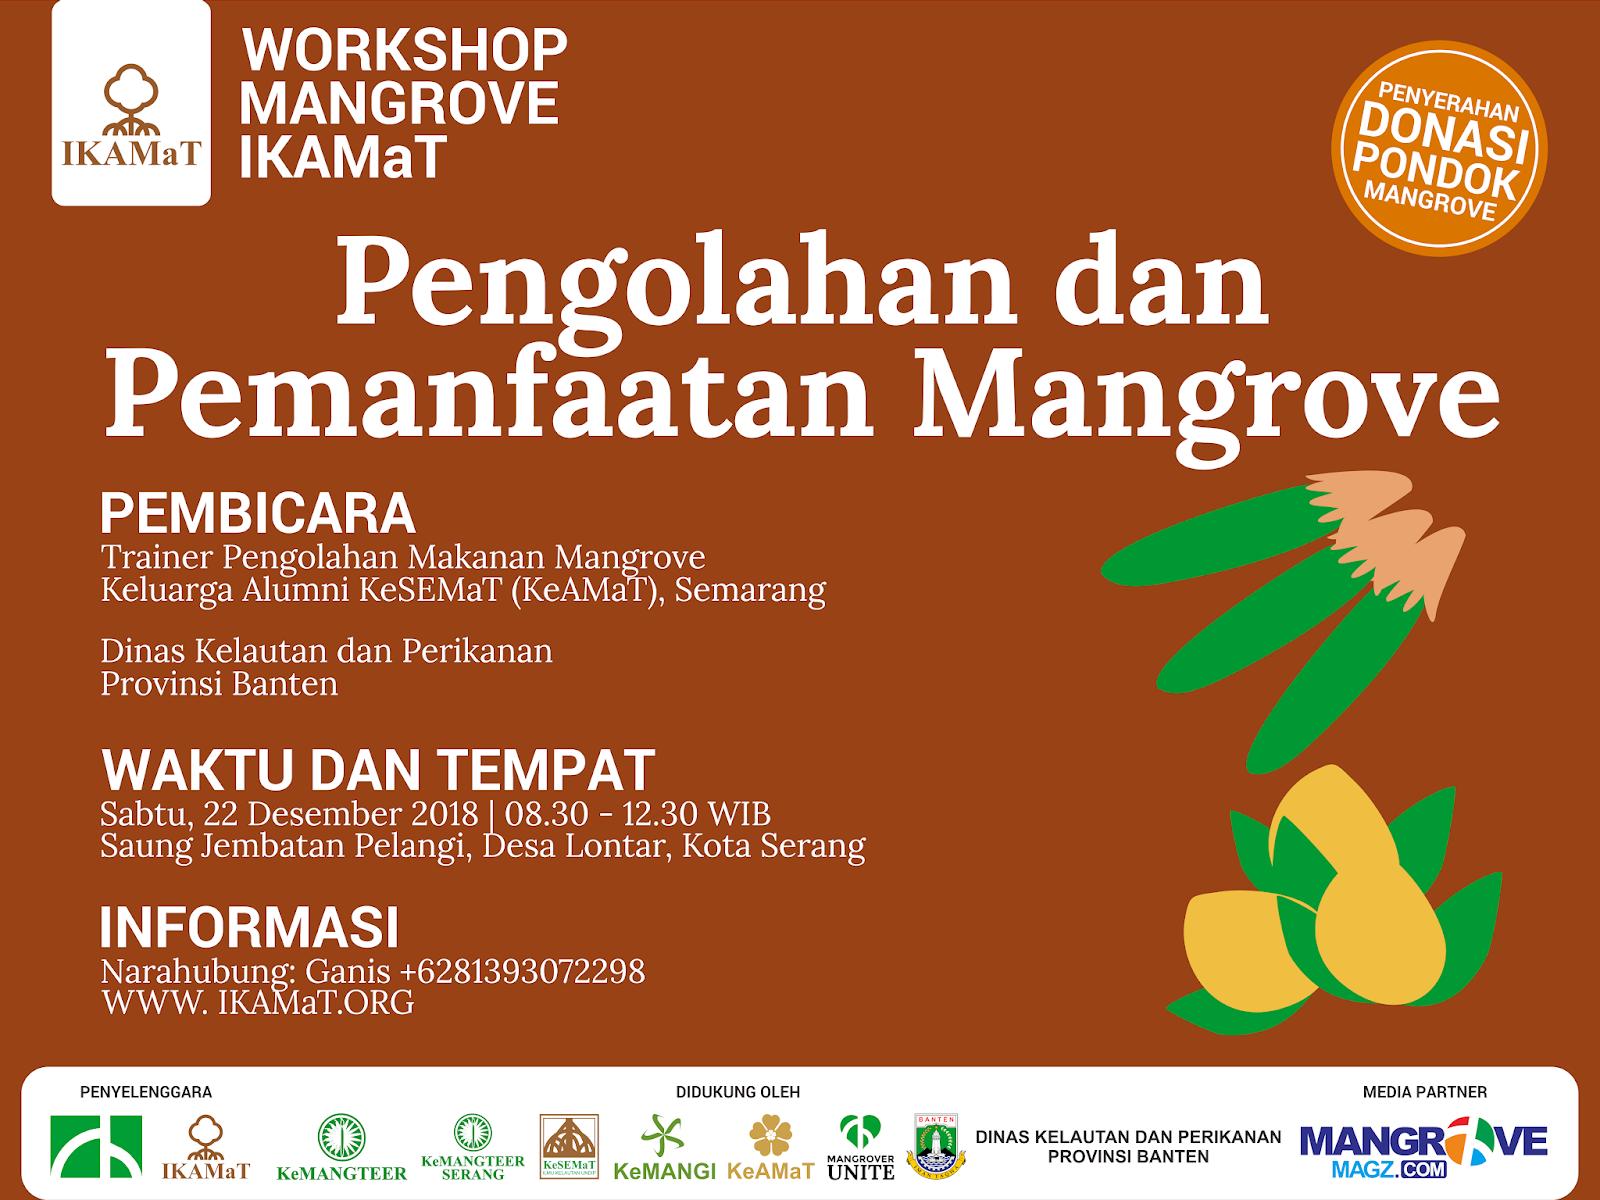 Press Release Workshop Mangrove IKAMaT: Pengolahan dan Pemanfaatan Mangrove